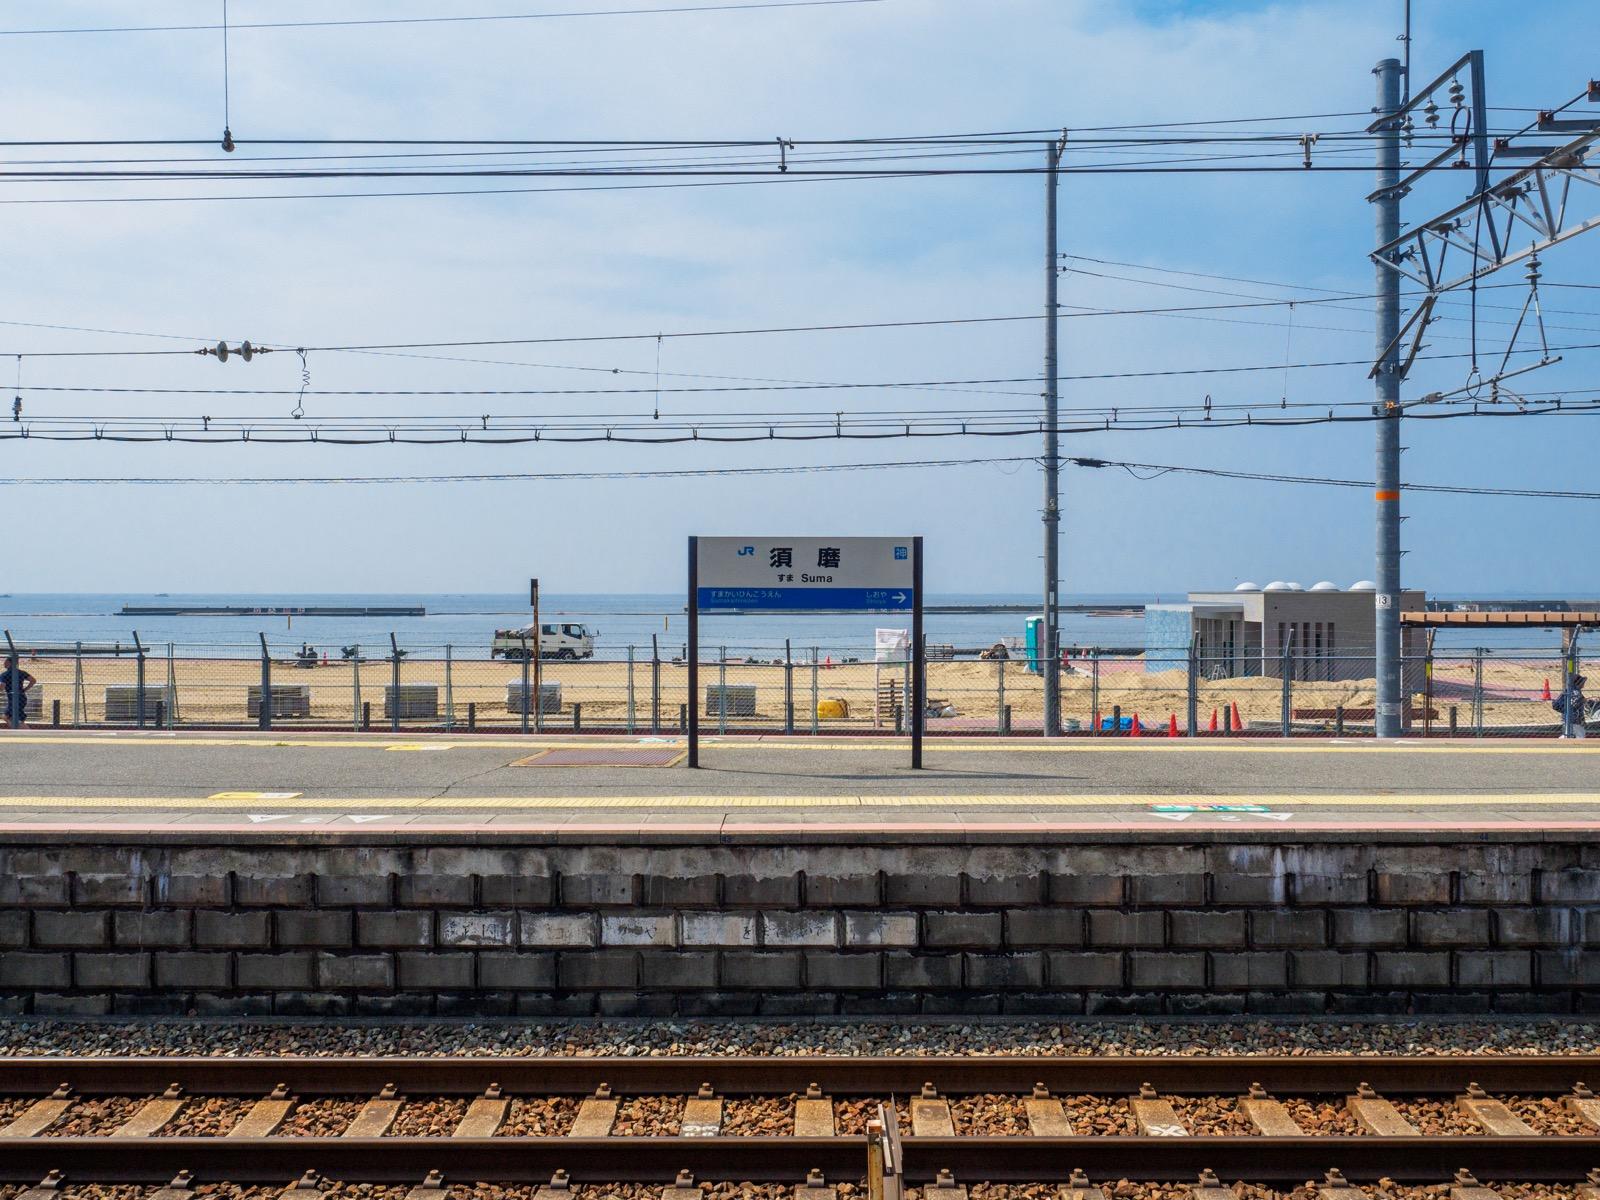 須磨駅のホームから見た須磨海水浴場